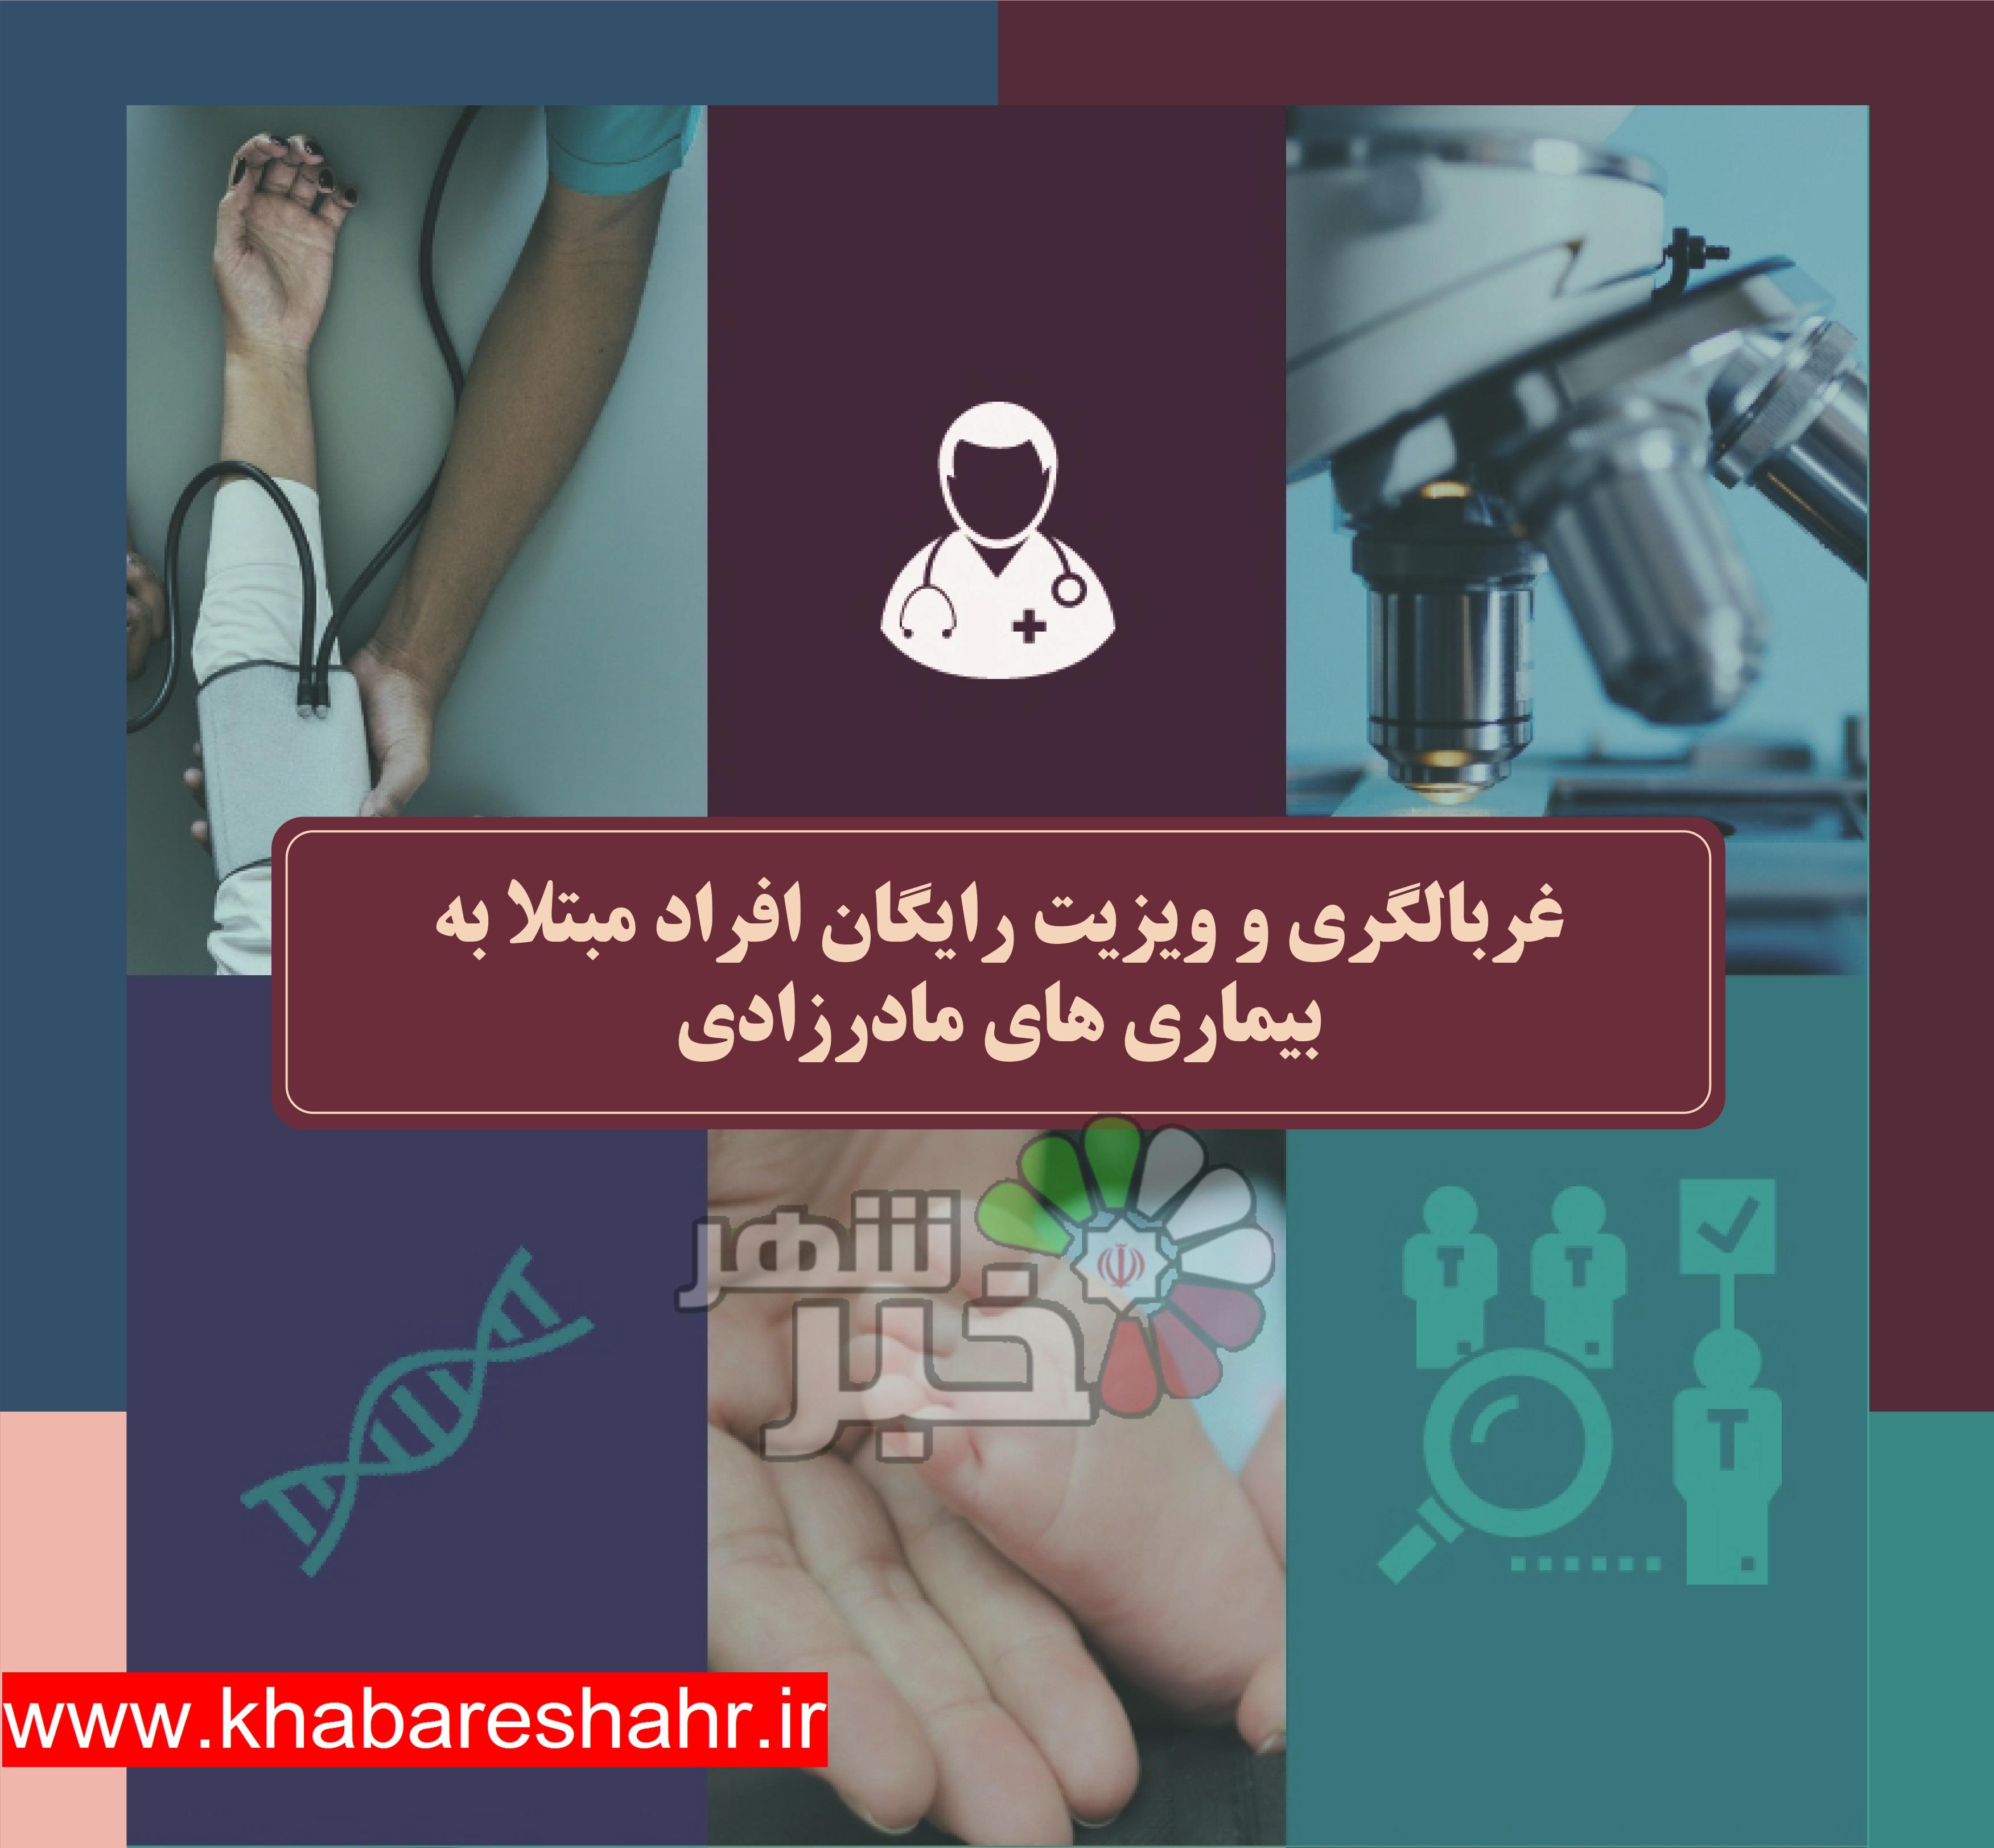 غربالگری و ویزیت رایگان افراد مبتلا به بیماری های مادرزادی در بیمارستان امام سجاد(ع) شهریار